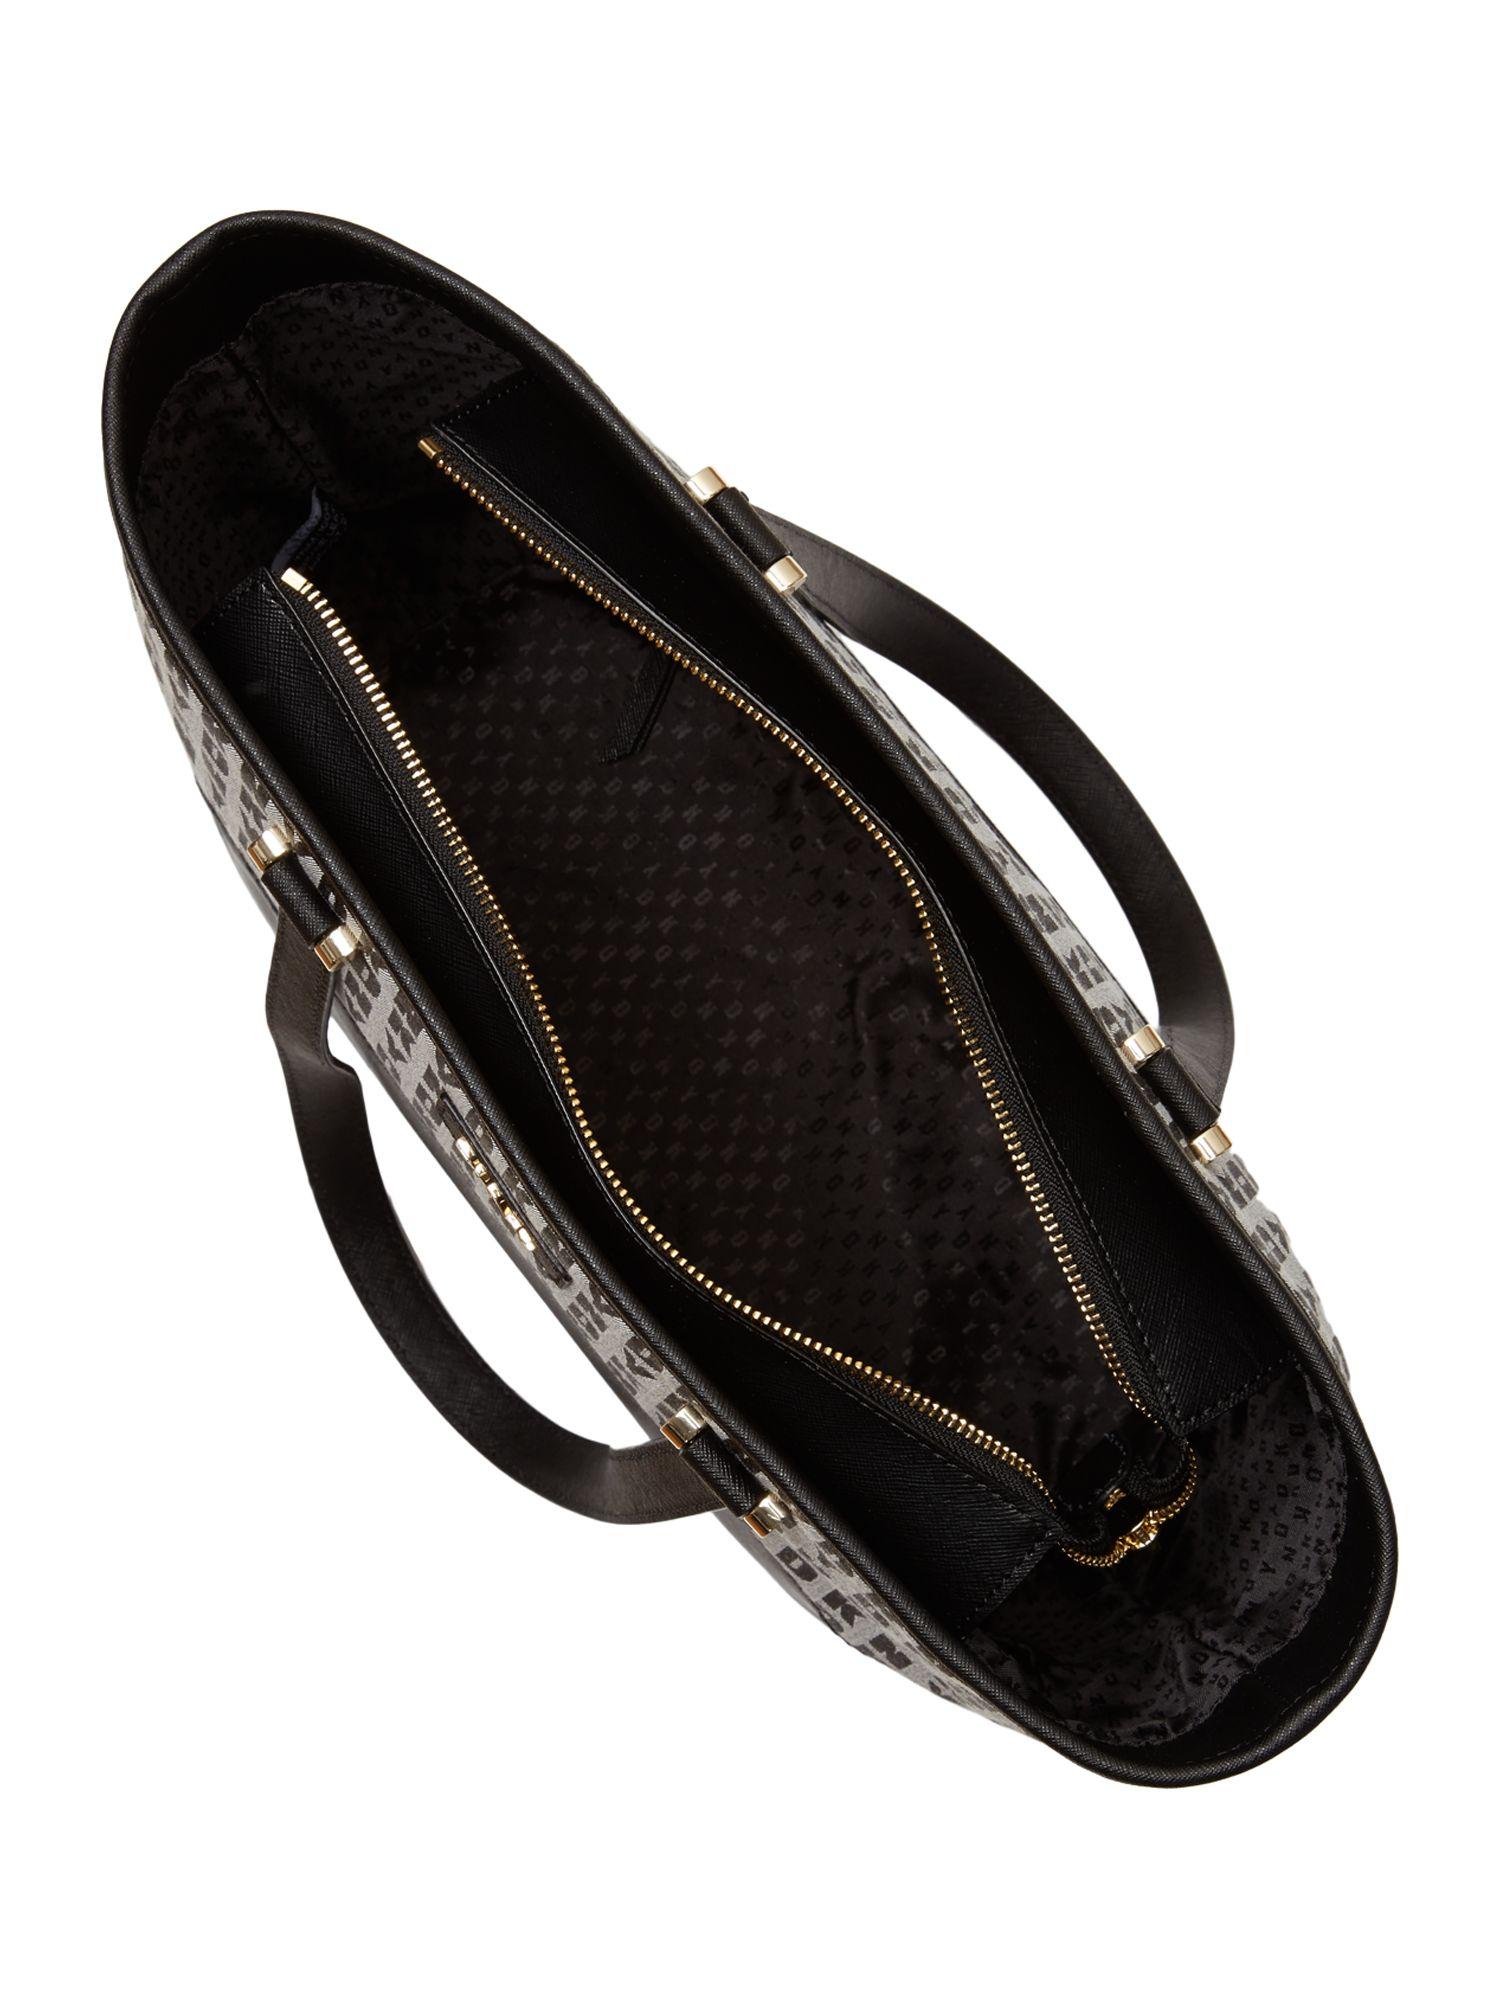 DKNY Saffiano White Tote Bag in Black